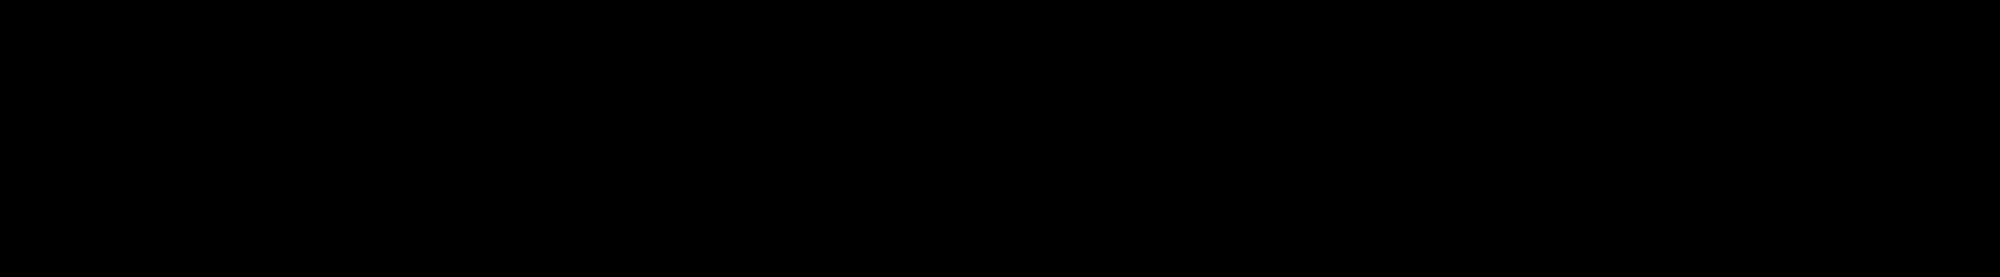 racinotes